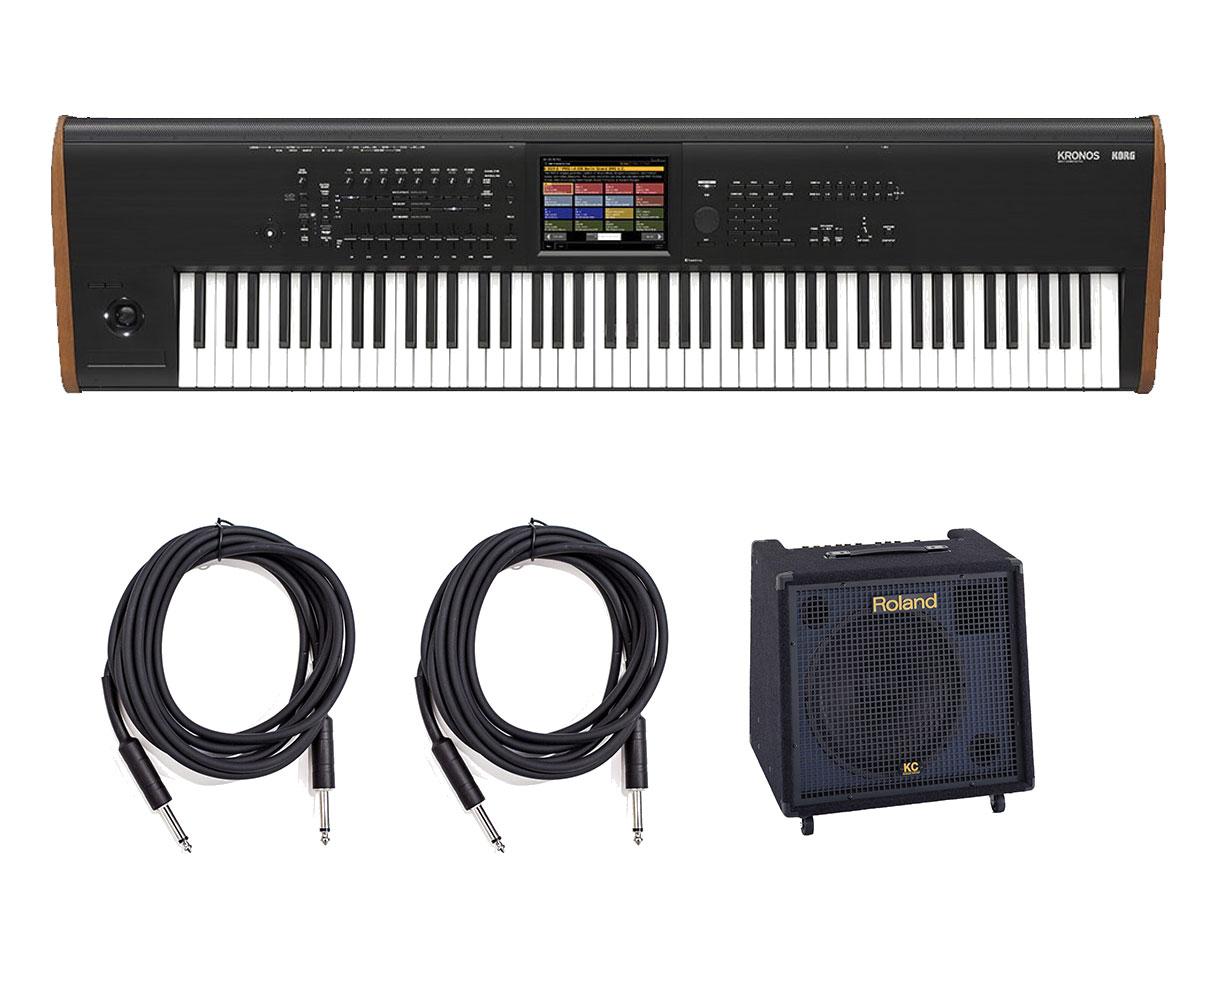 korg kronos 2 88 key music workstation keyboard w roland kc 550 bundle ebay. Black Bedroom Furniture Sets. Home Design Ideas